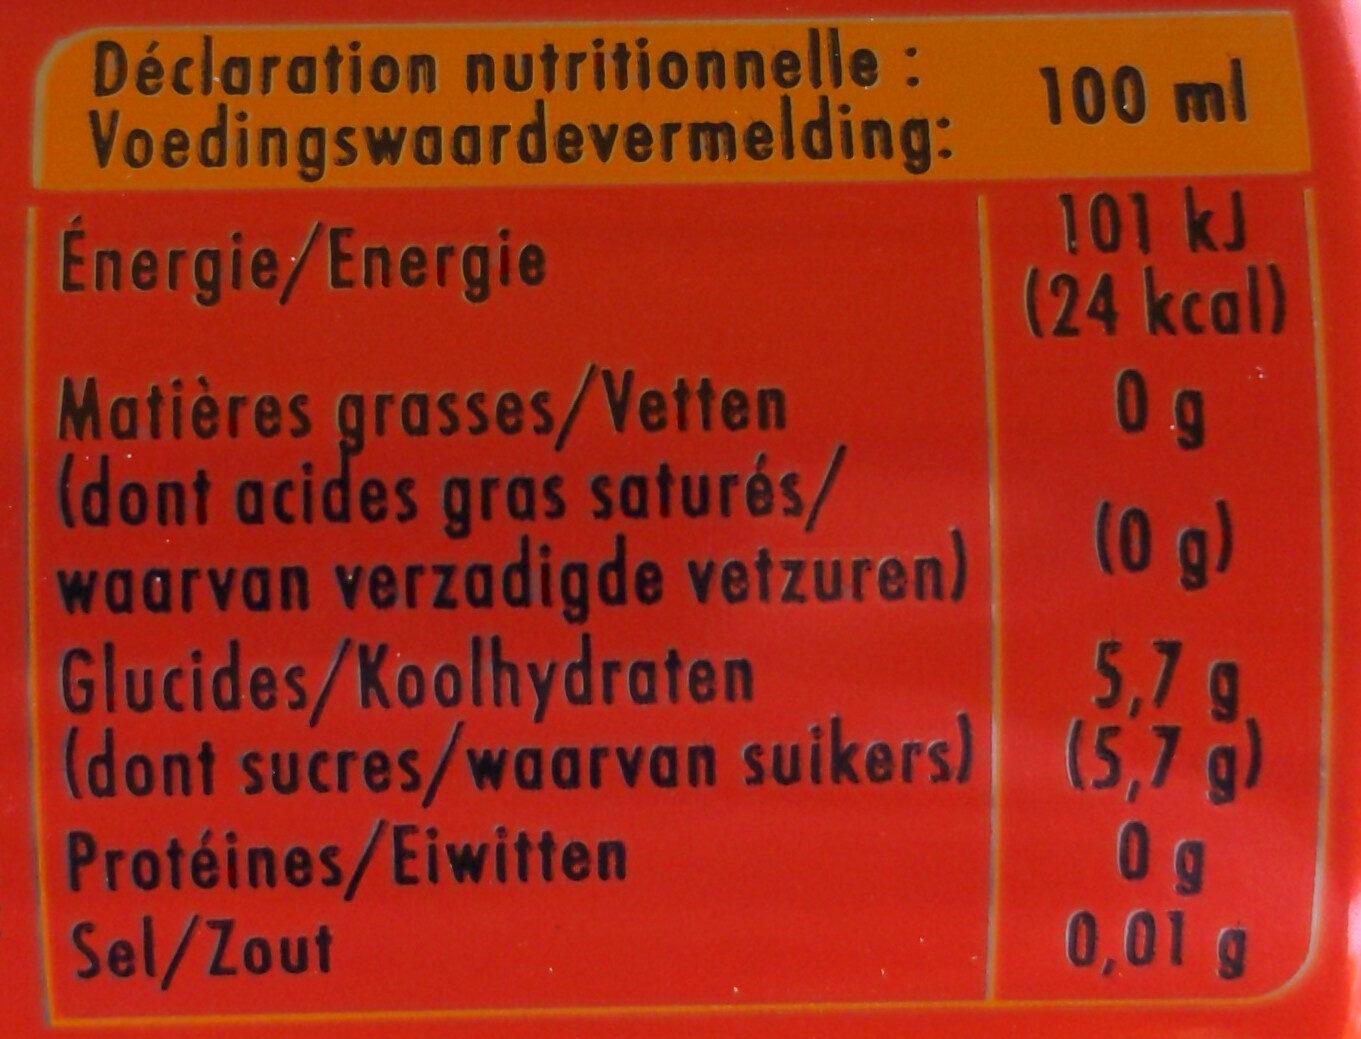 Schweppes agrumes aux saveurs d'orange,🍊de pamplemousse, de citron vert & de mandarine - Nutrition facts - fr